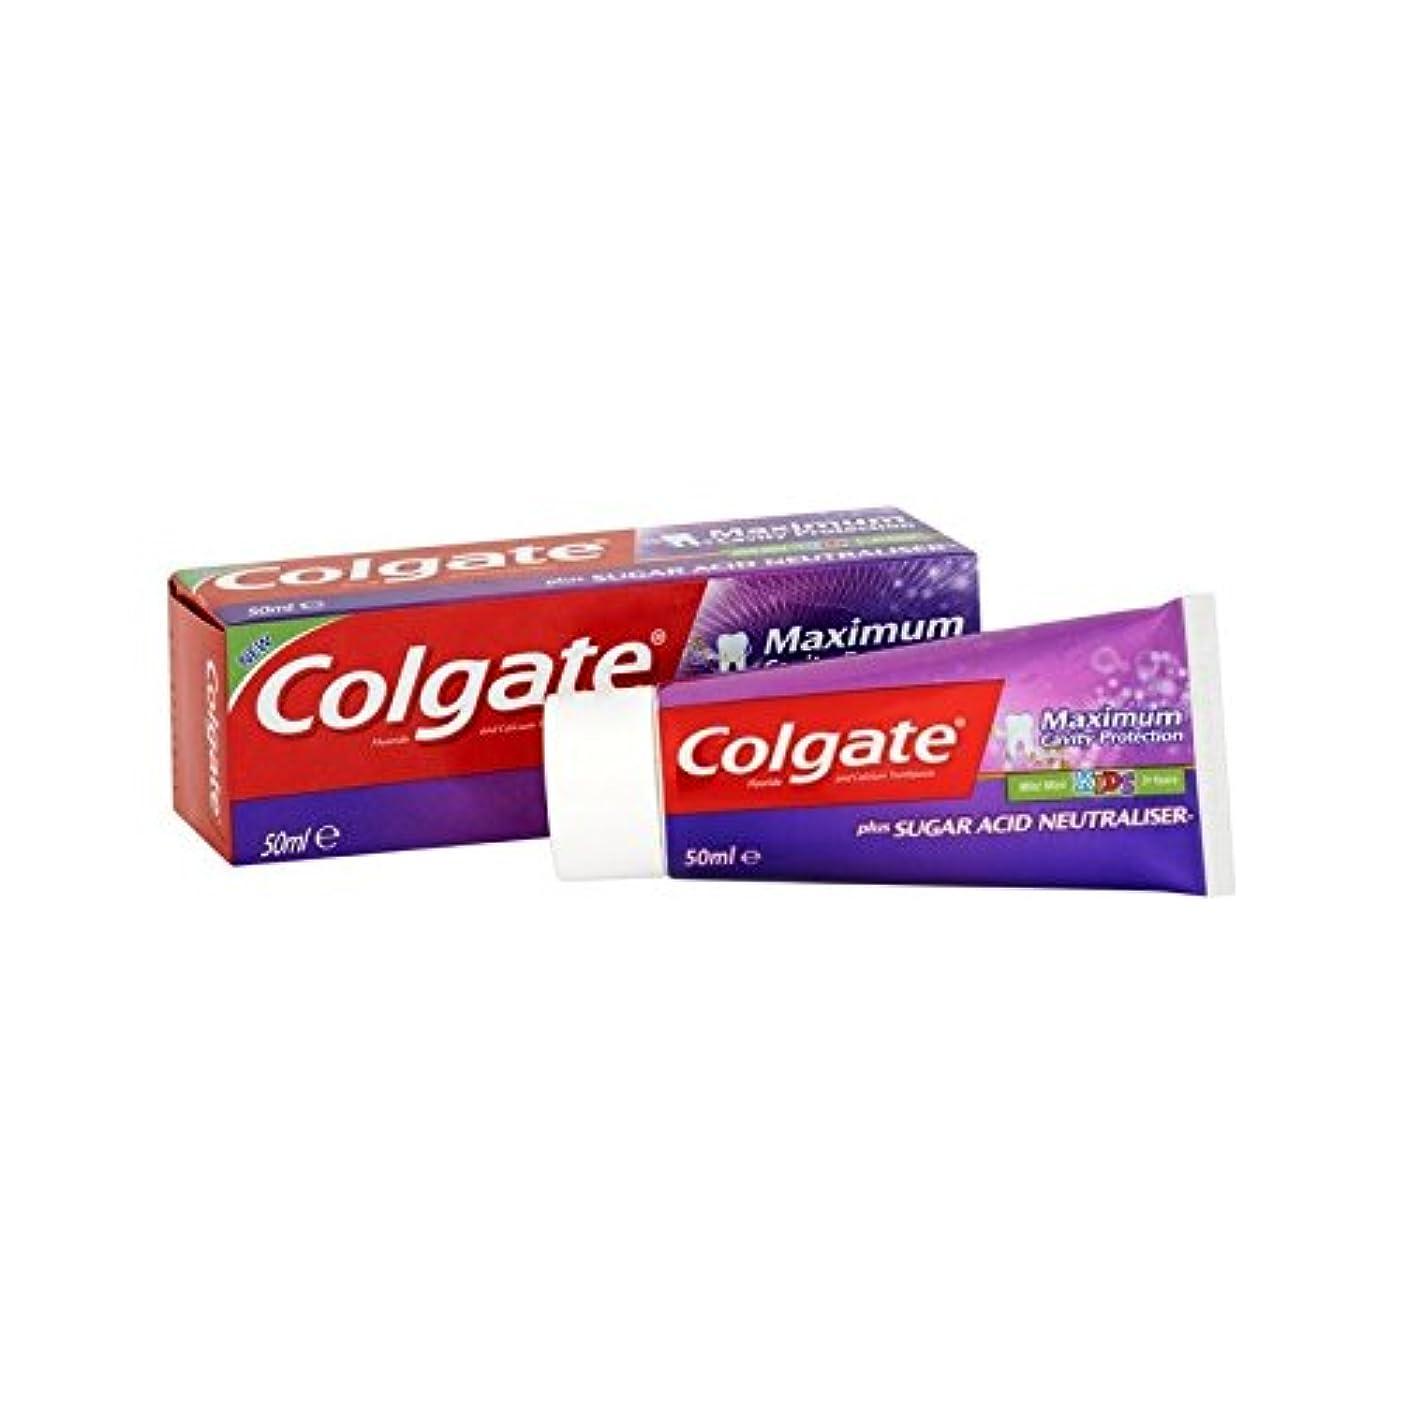 増幅シソーラス定数最大空洞の子供の50ミリリットルを保護 (Colgate) (x 6) - Colgate Maximum Cavity Protect Kids 50ml (Pack of 6) [並行輸入品]